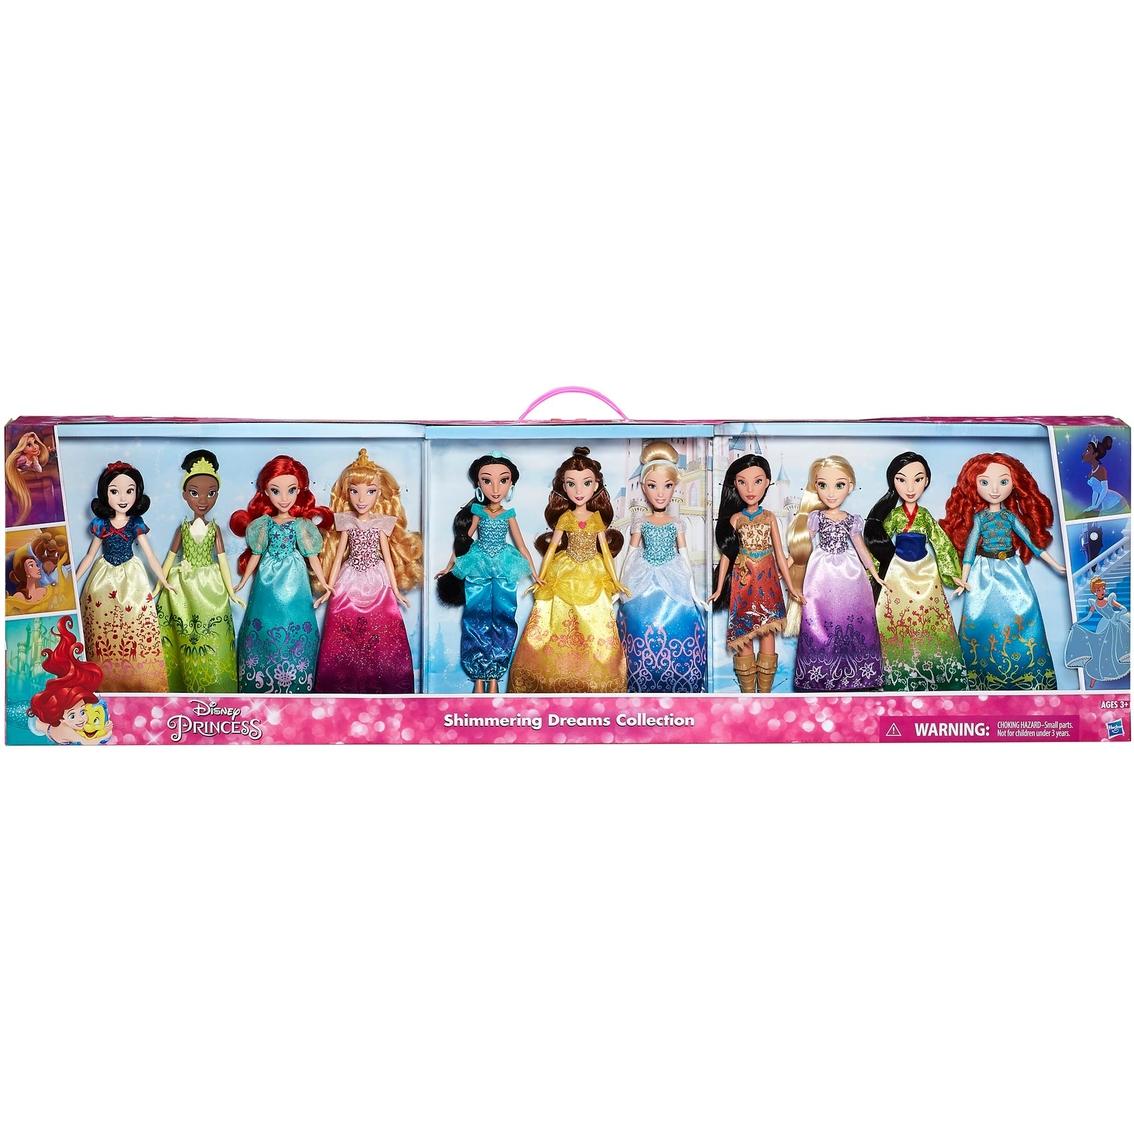 Hasbro Disney Princess Shimmering Dreams Collection 45 Pc